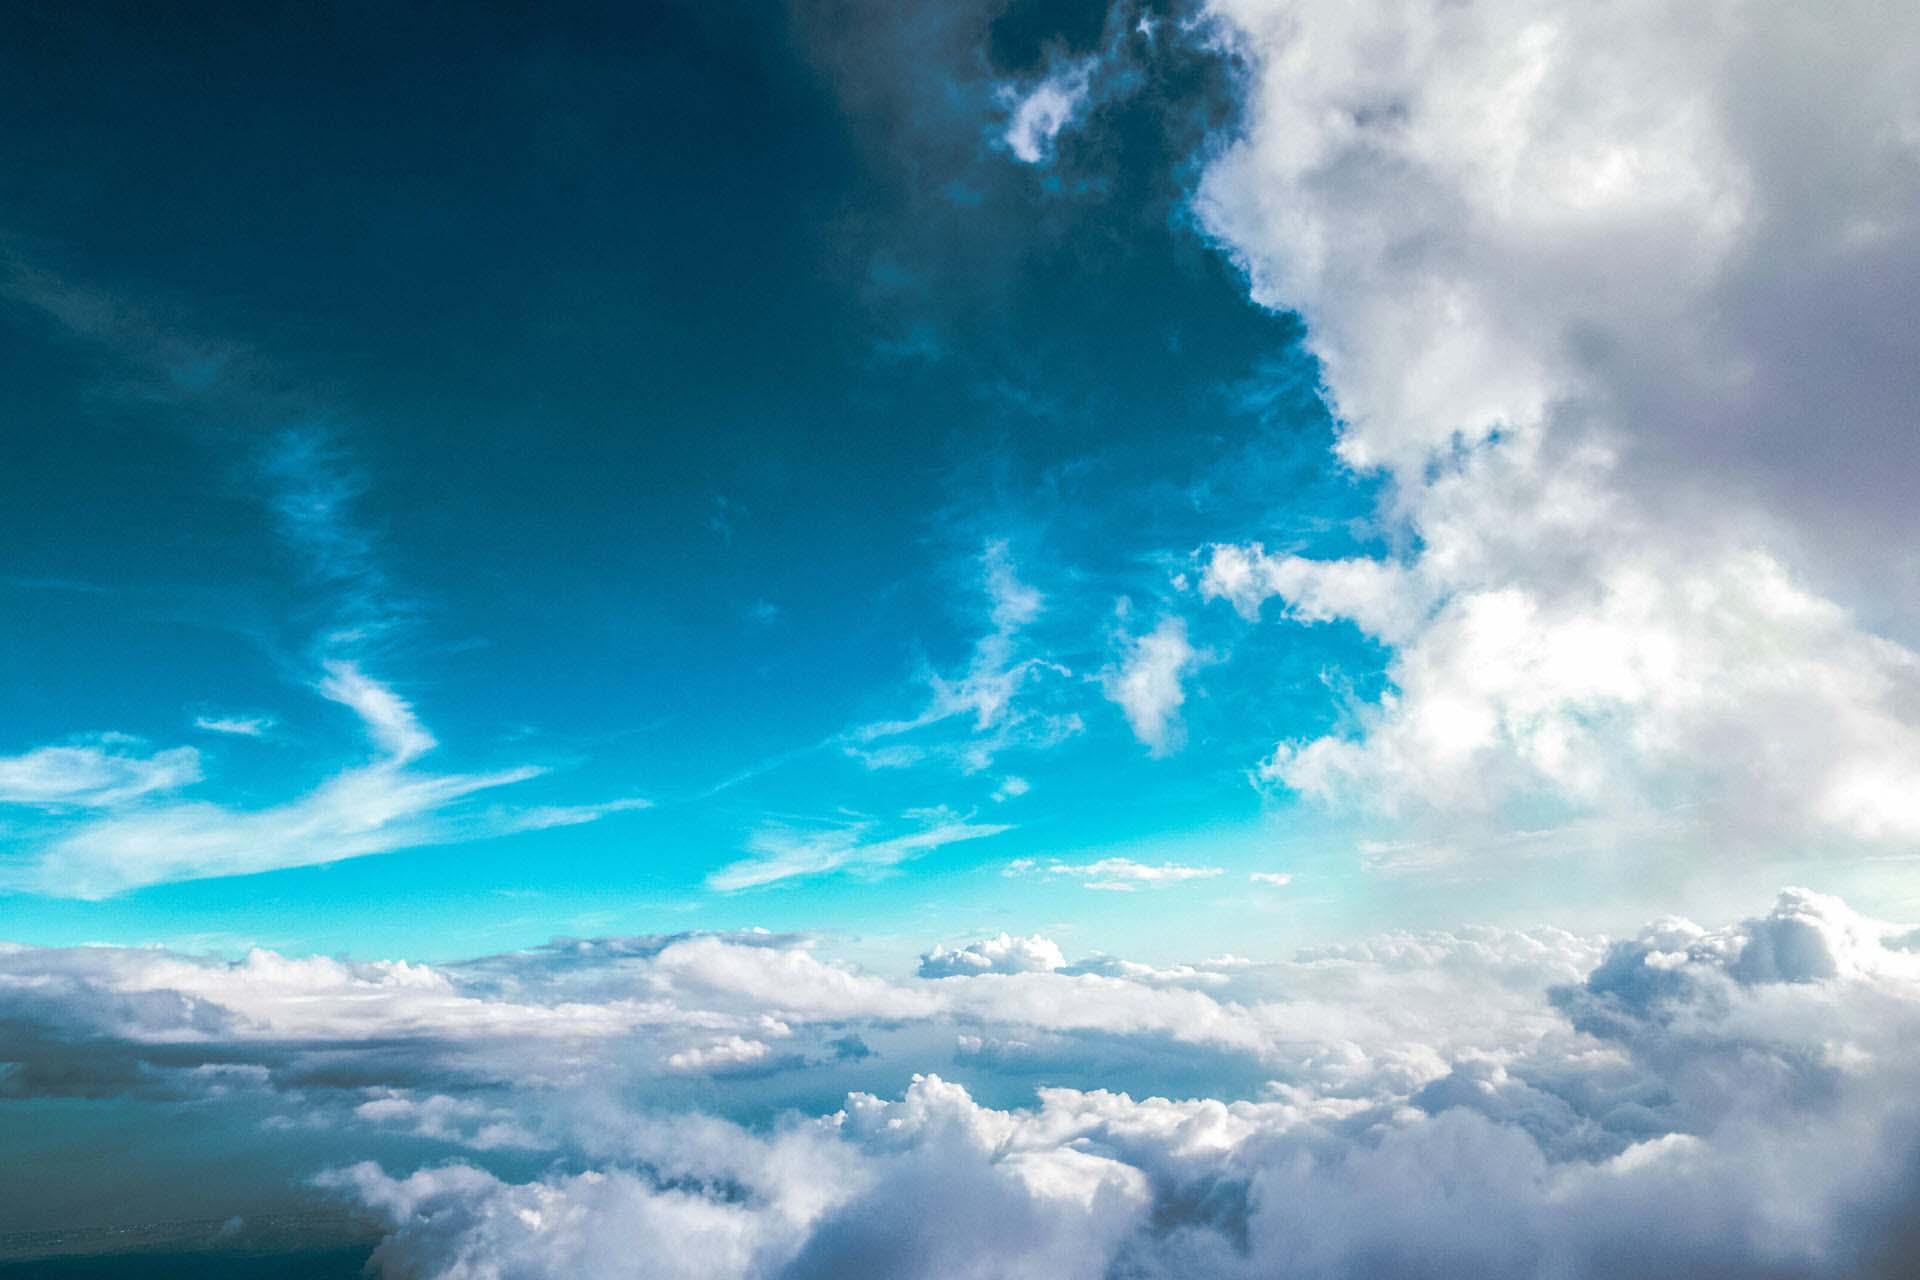 Ảnh mây trời lung linh huyền ảo